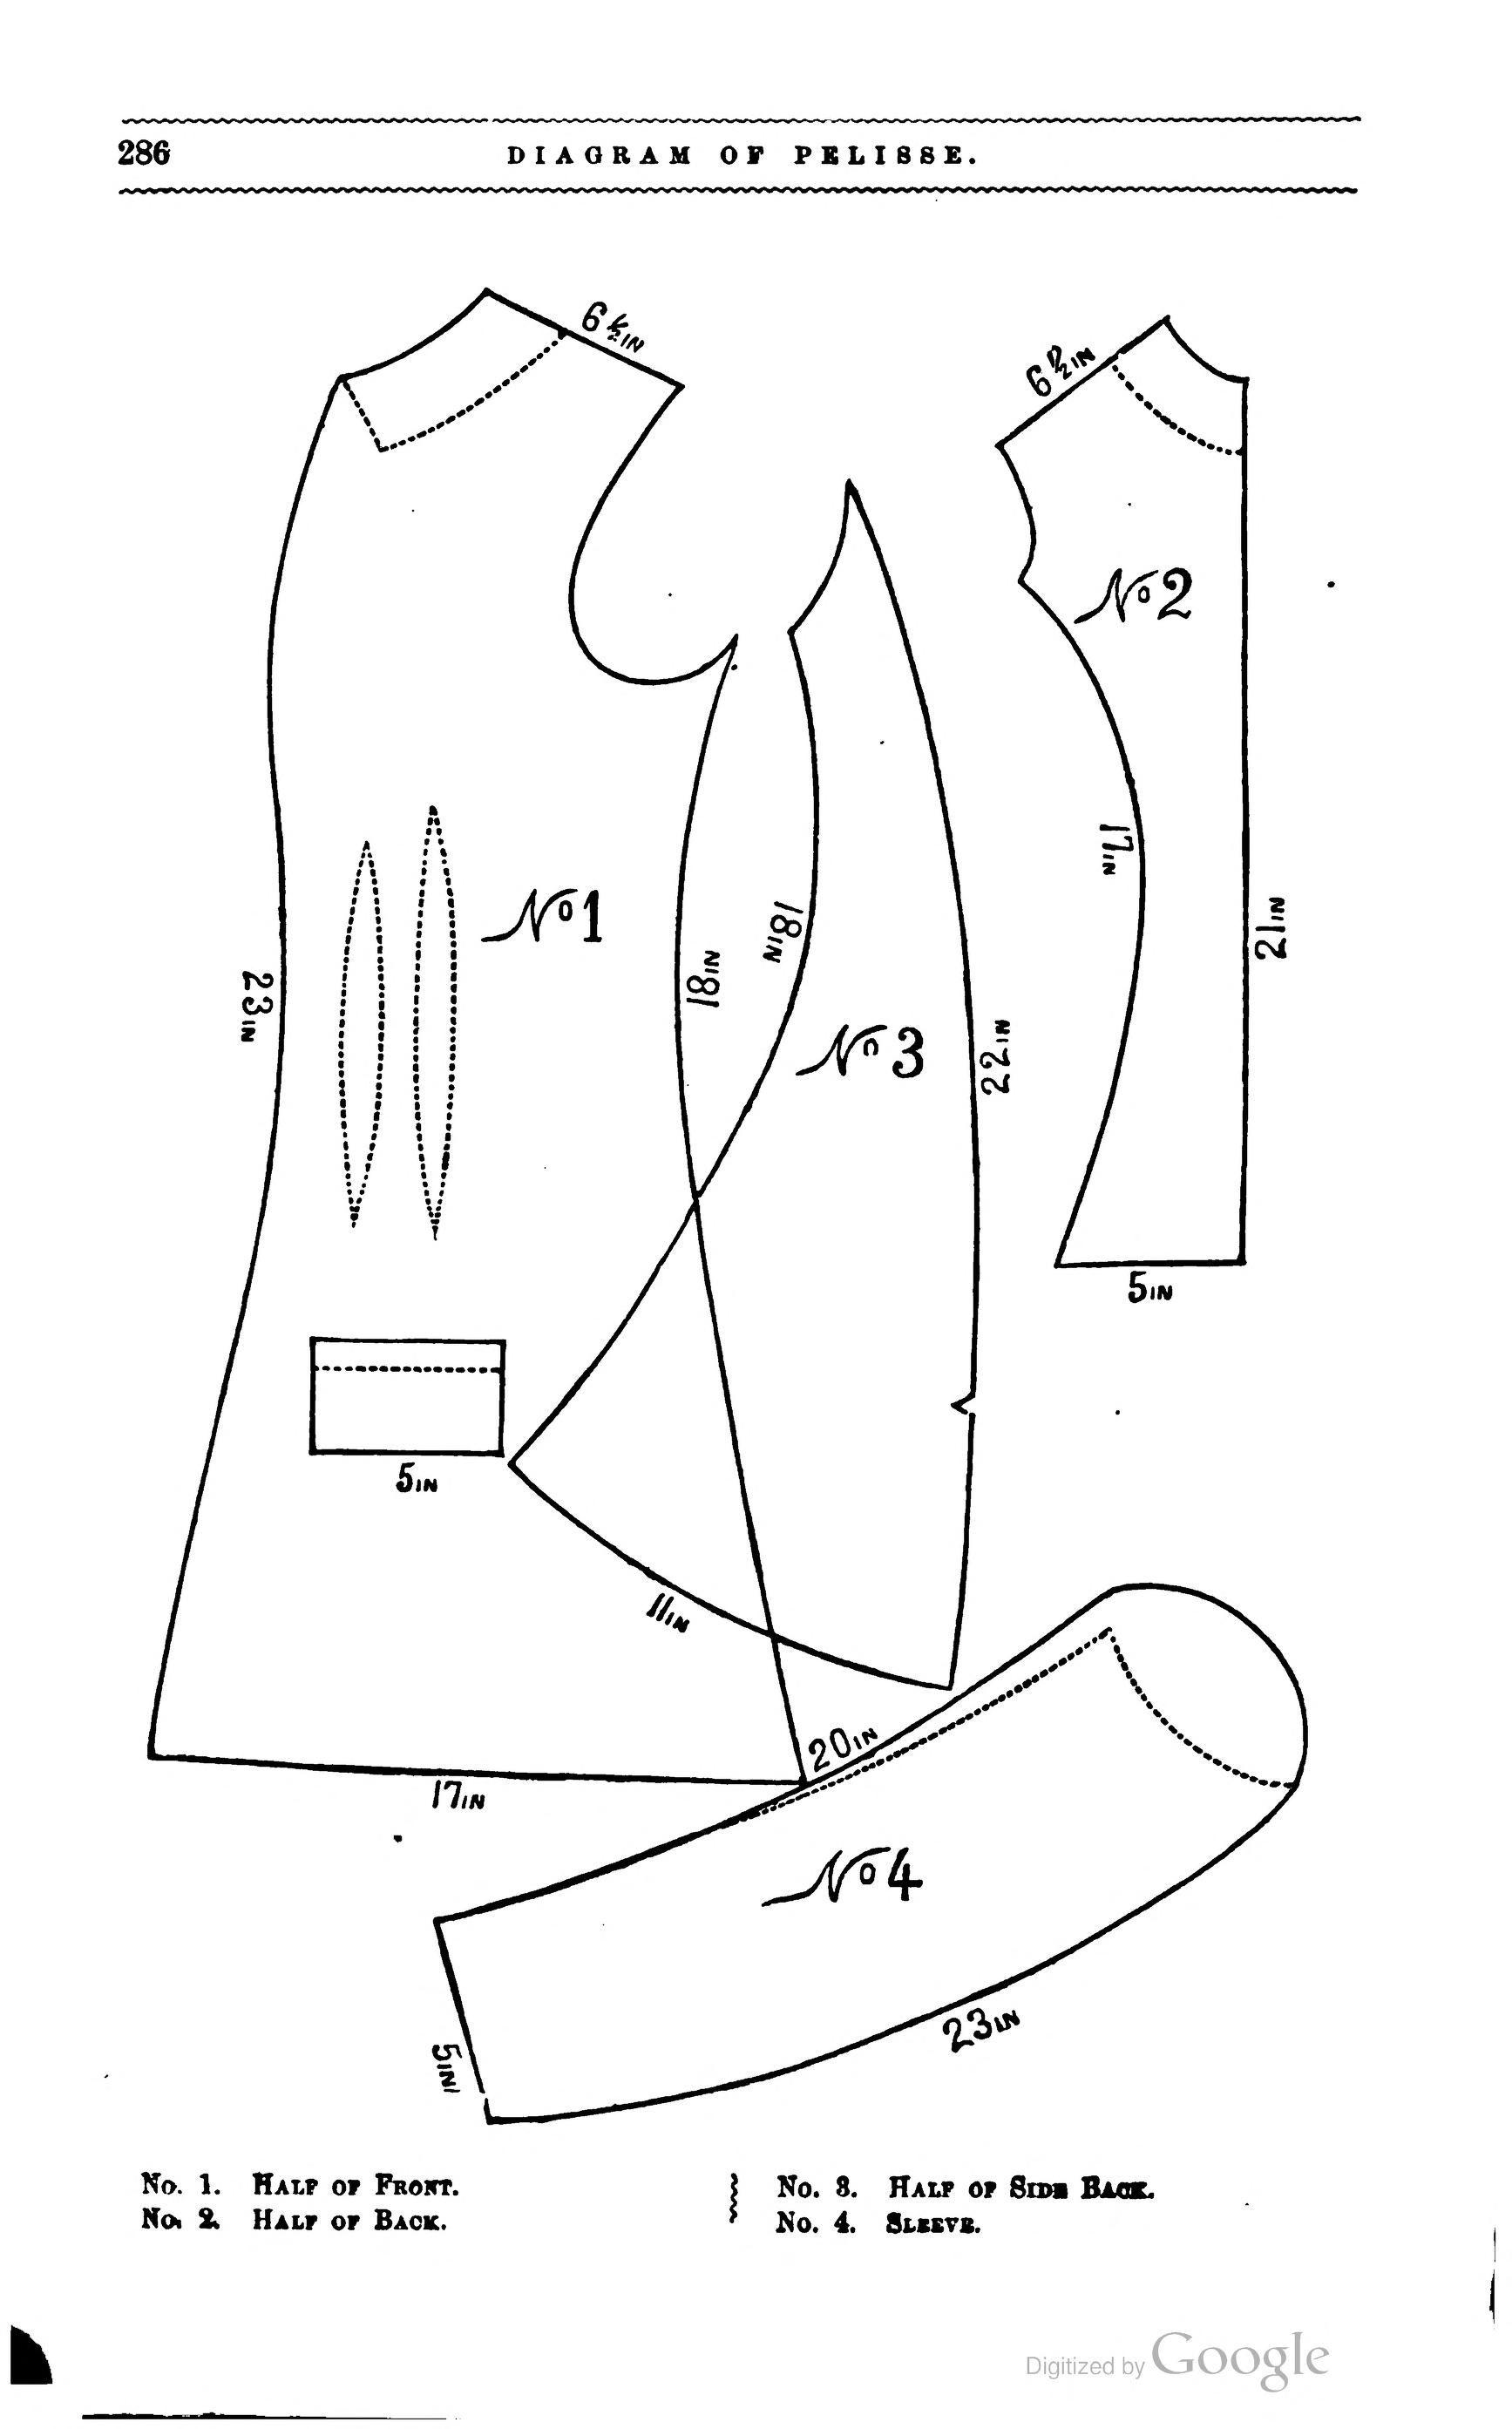 Peterson's magazine, 1877 Diagram of pelisse